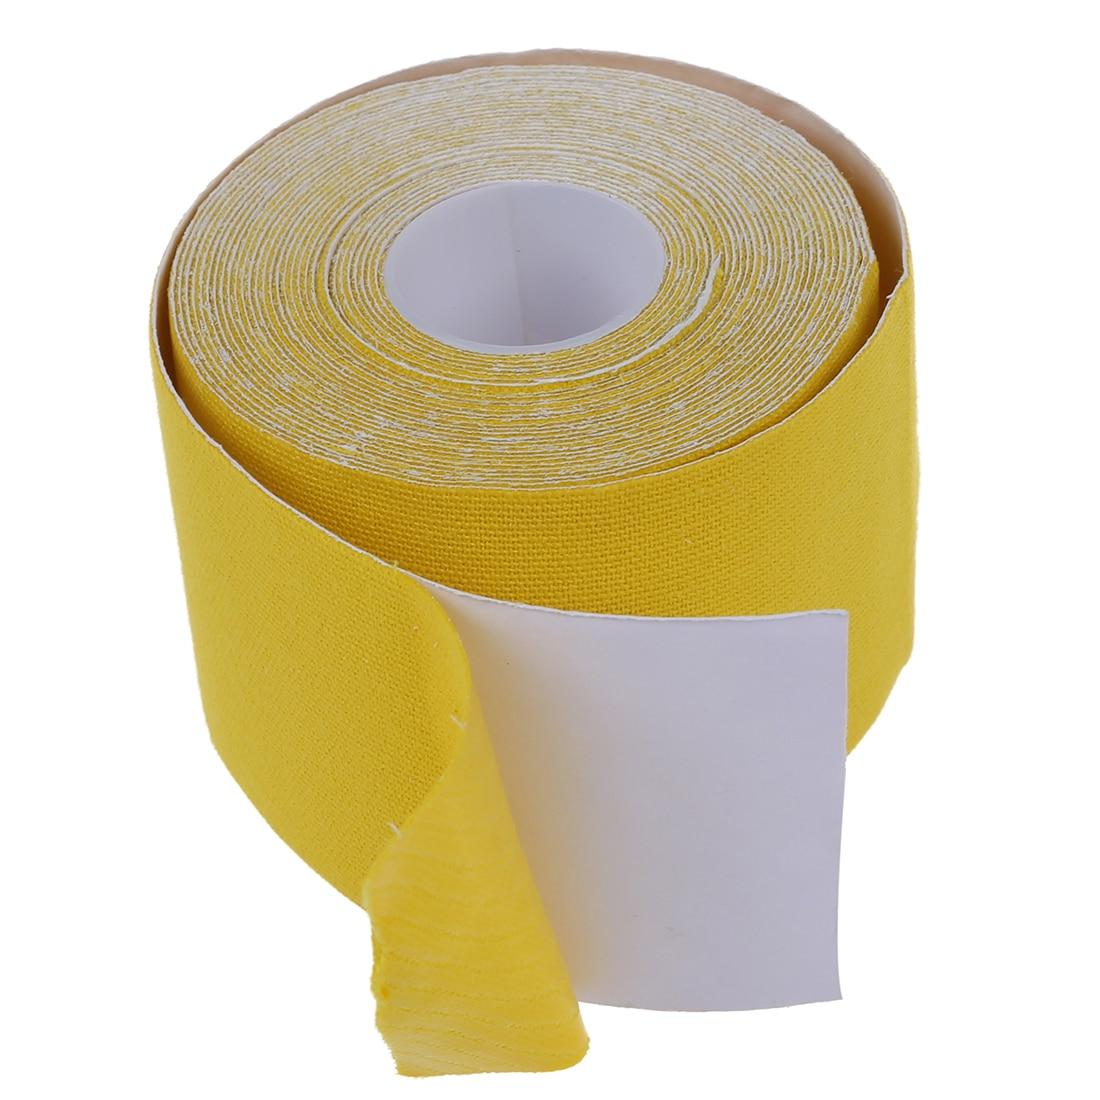 Новая распродажа 1 рулон Спортивной Кинезиологии мышцы уход Фитнес спортивные здоровья ленты 5 м * 5 см-желтый